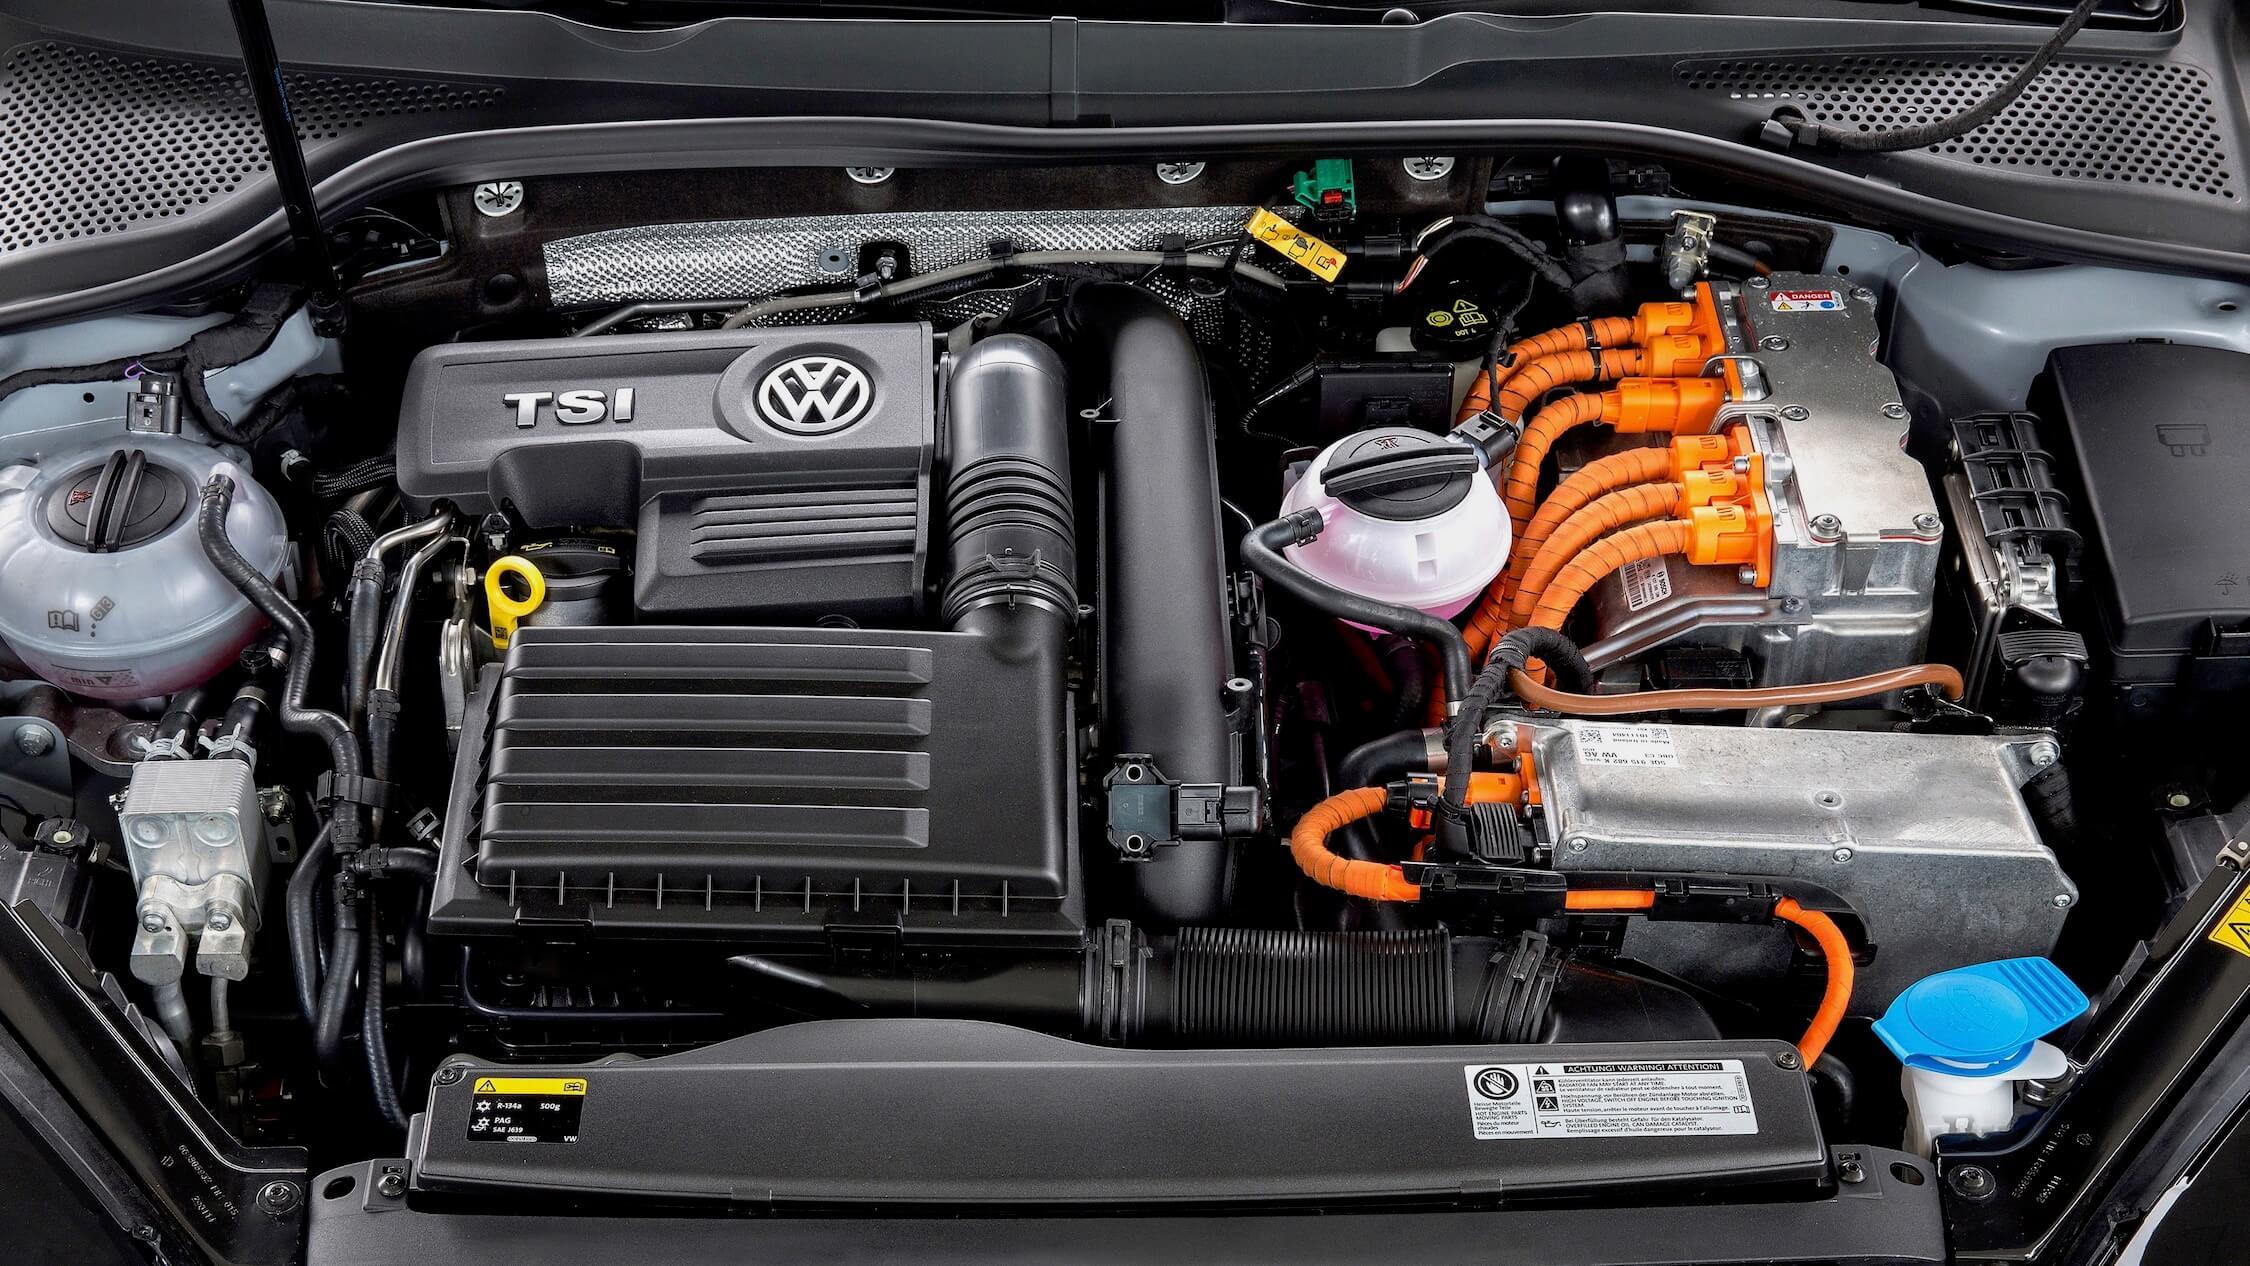 Volkswagen Golf GTE motor